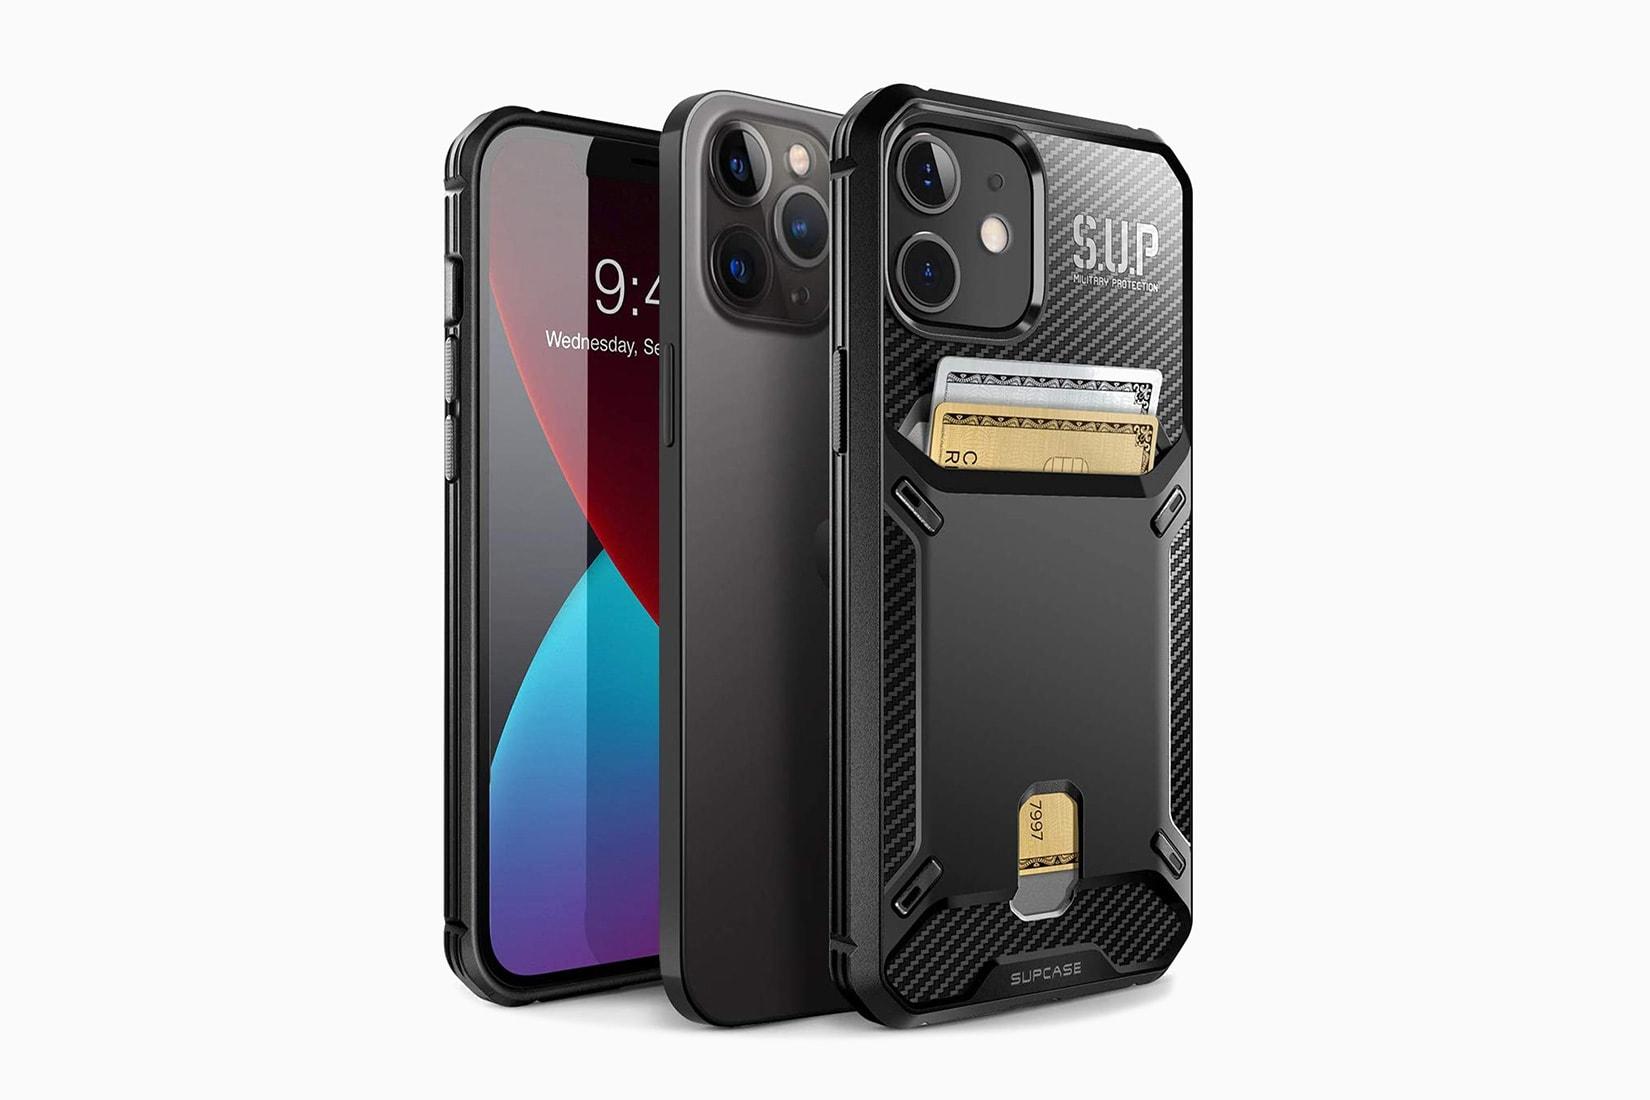 best iphone case wallet supcase vault - Luxe Digital